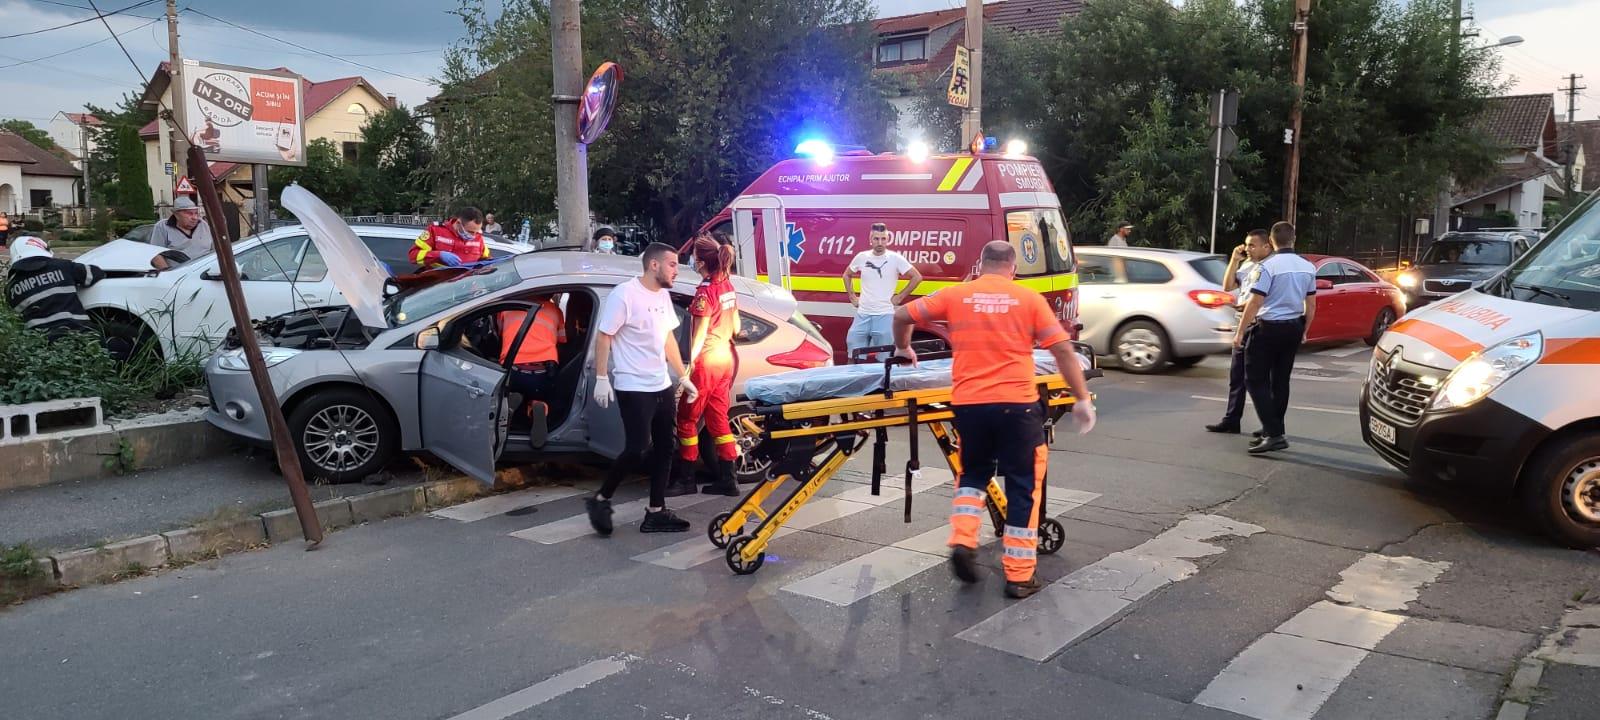 Statistică. Ziua, ora și locul în care se petrec cele mai multe accidente în Sibiu